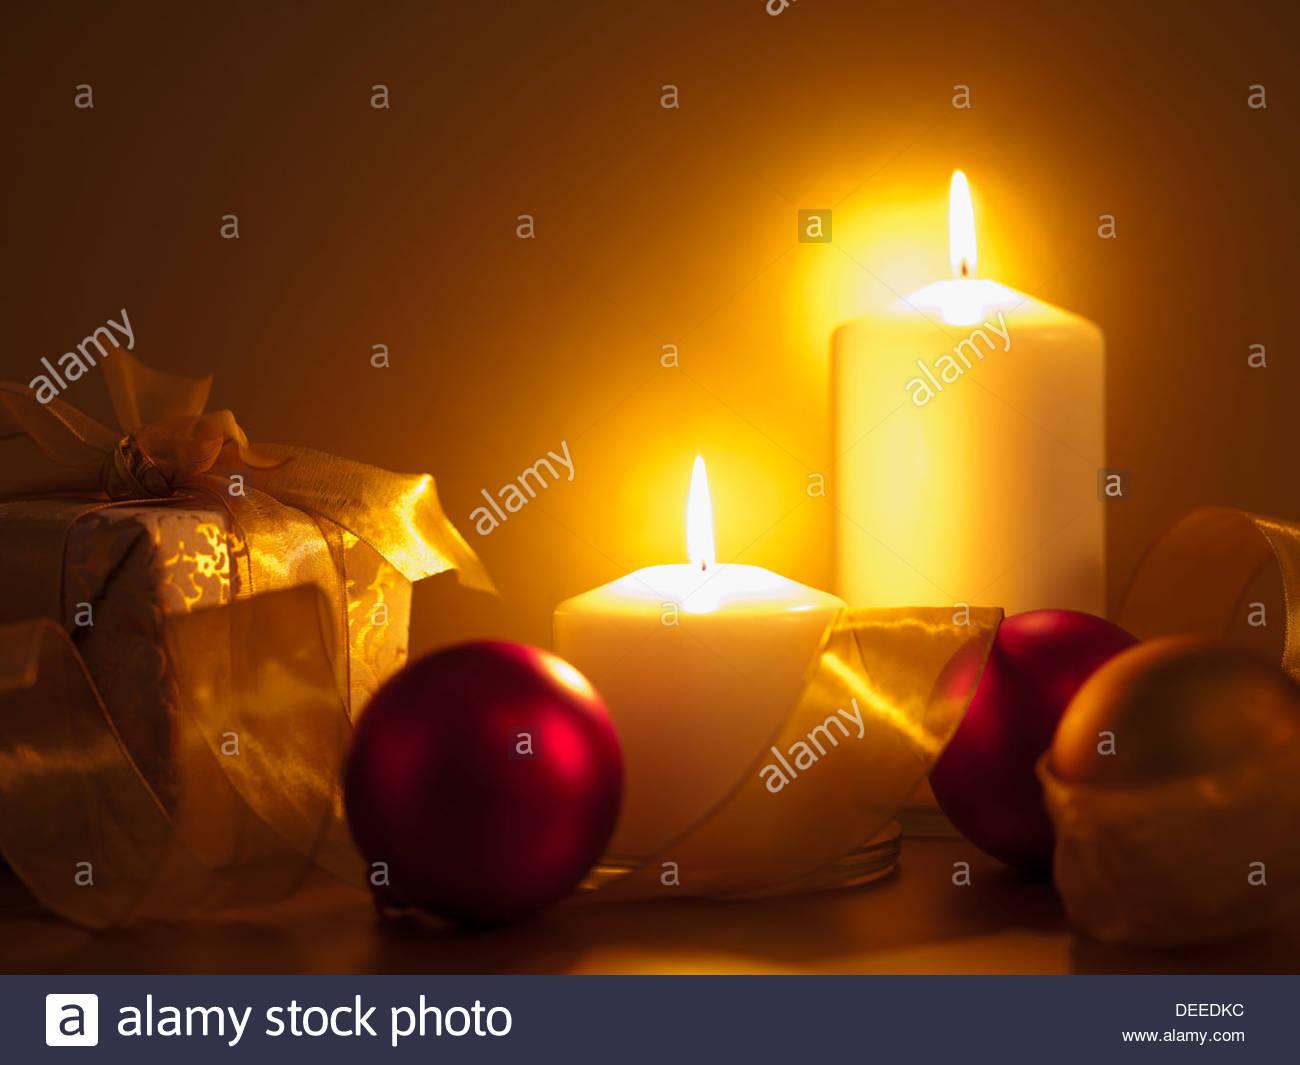 Cadeaux de Noël, ornements et des bougies Photo Stock